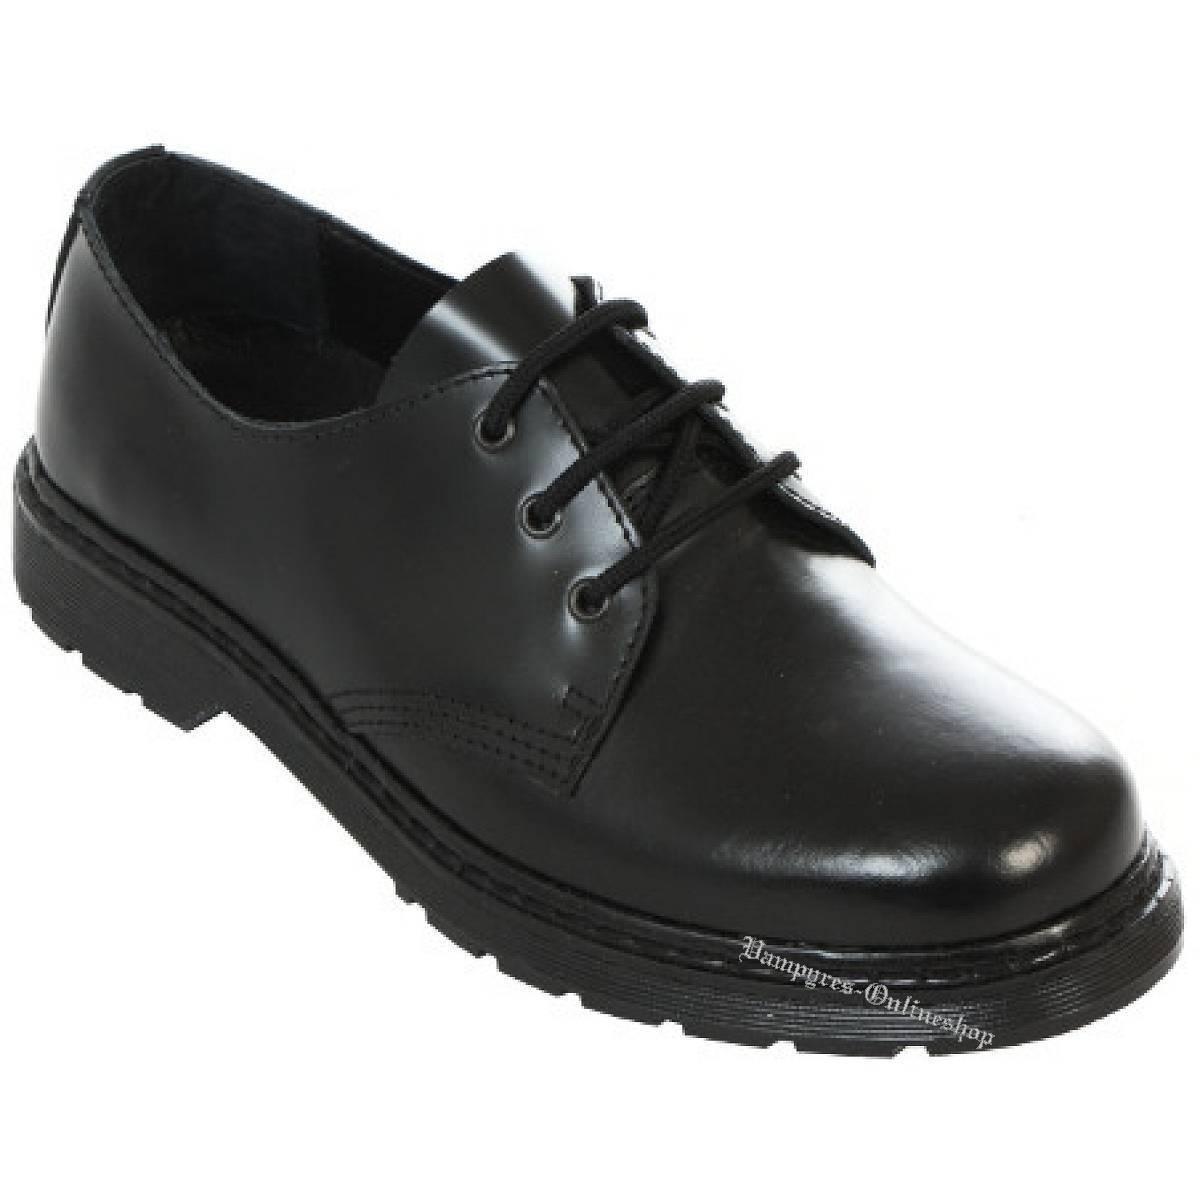 botas & Braces 3-Loch Easy Easy Easy Zapatos Negro Leder HalbZapatos Negro Nero Noir cb45c1